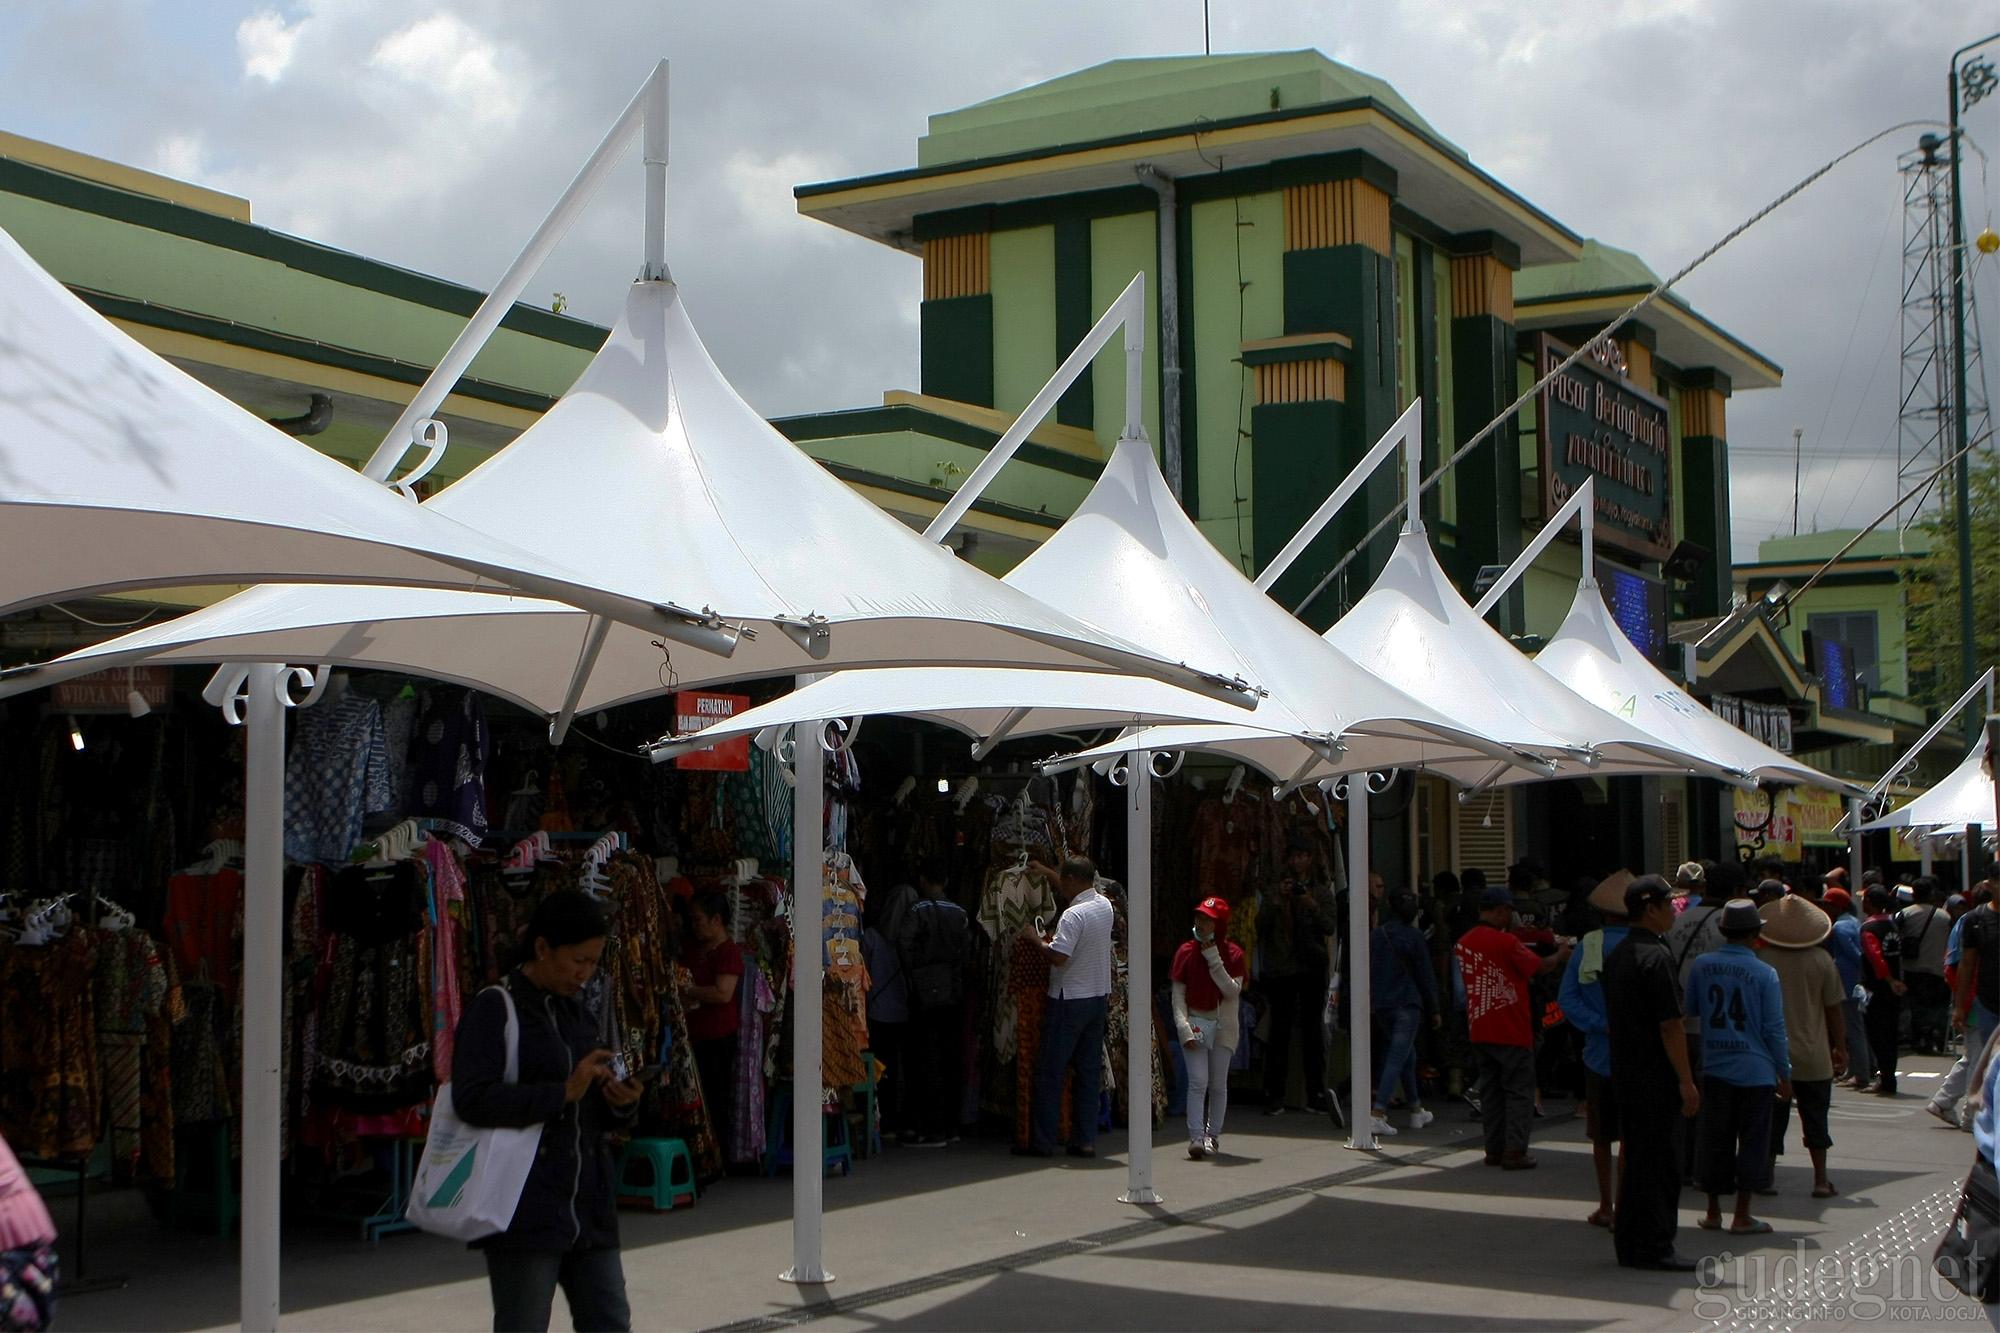 Walikota Yogyakarta Resmikan Payung Papela Beringharjo